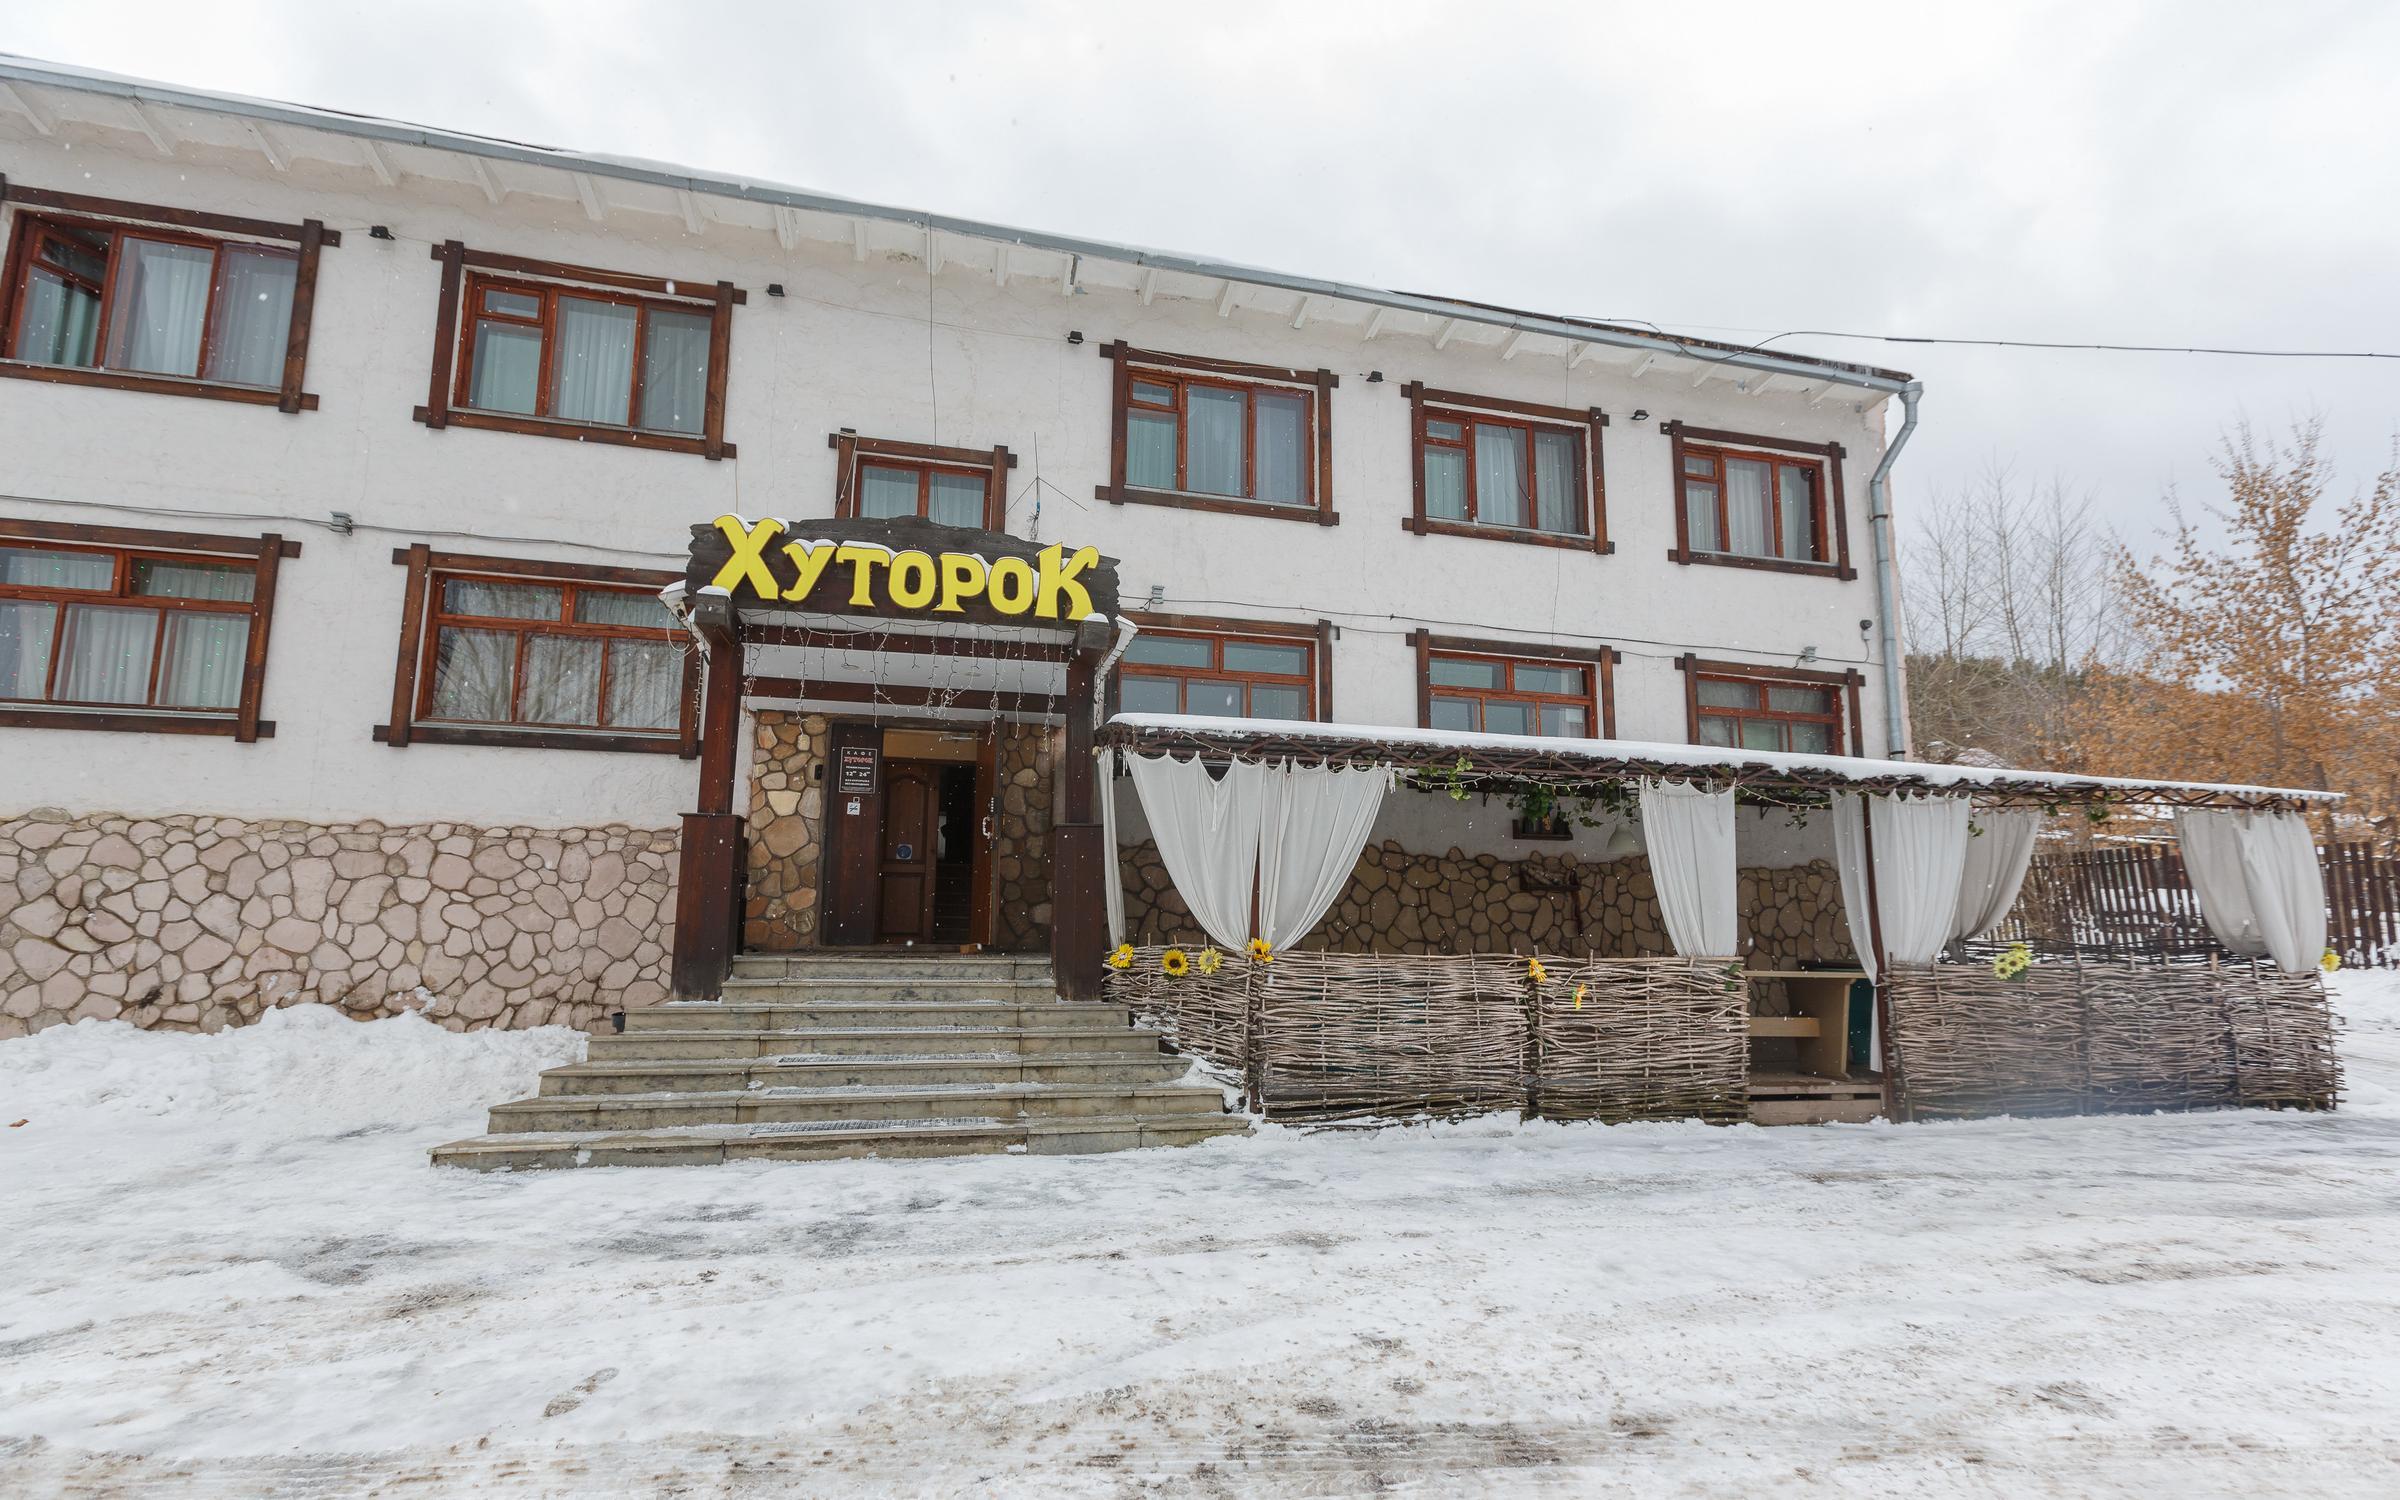 фотография Сауны Хуторок на Свердловской улице